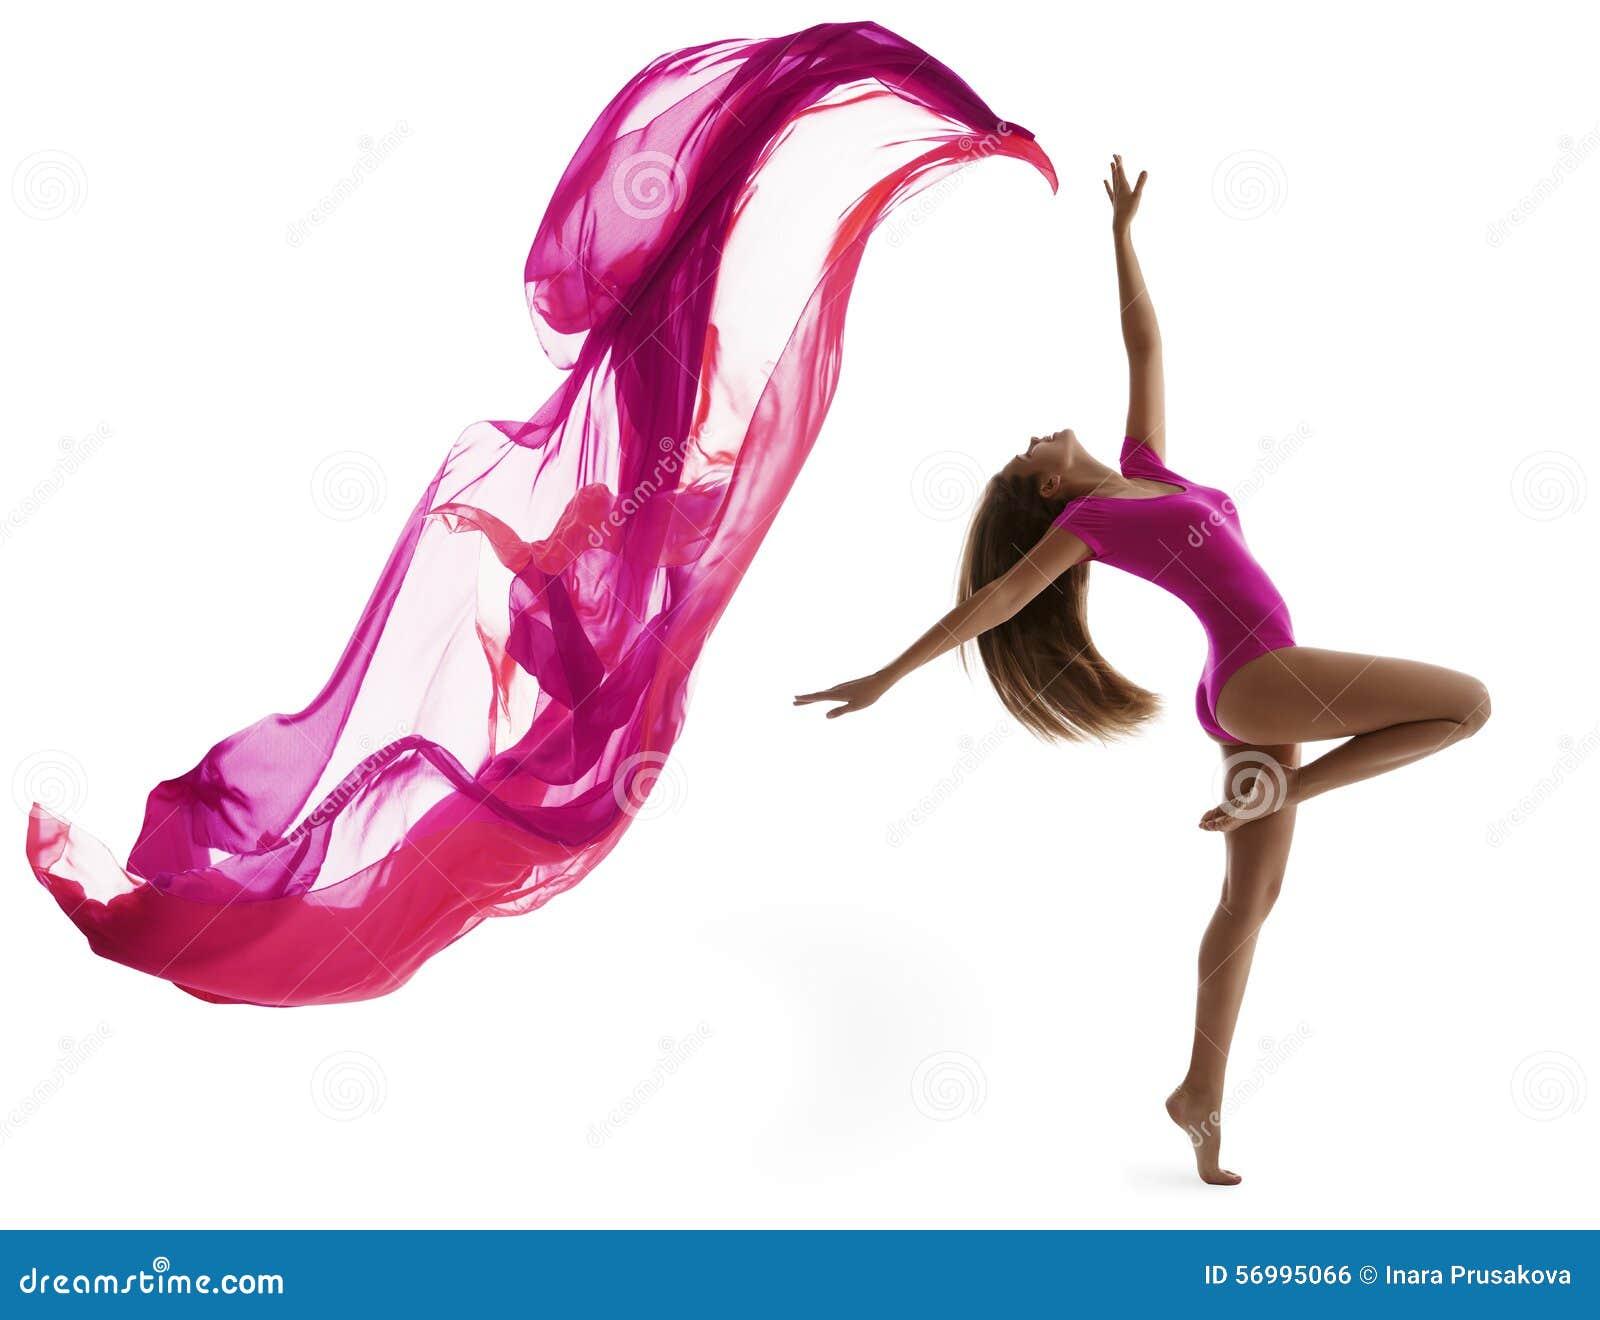 Deporte del baile de la mujer, bailarín atractivo Flying Cloth de la muchacha